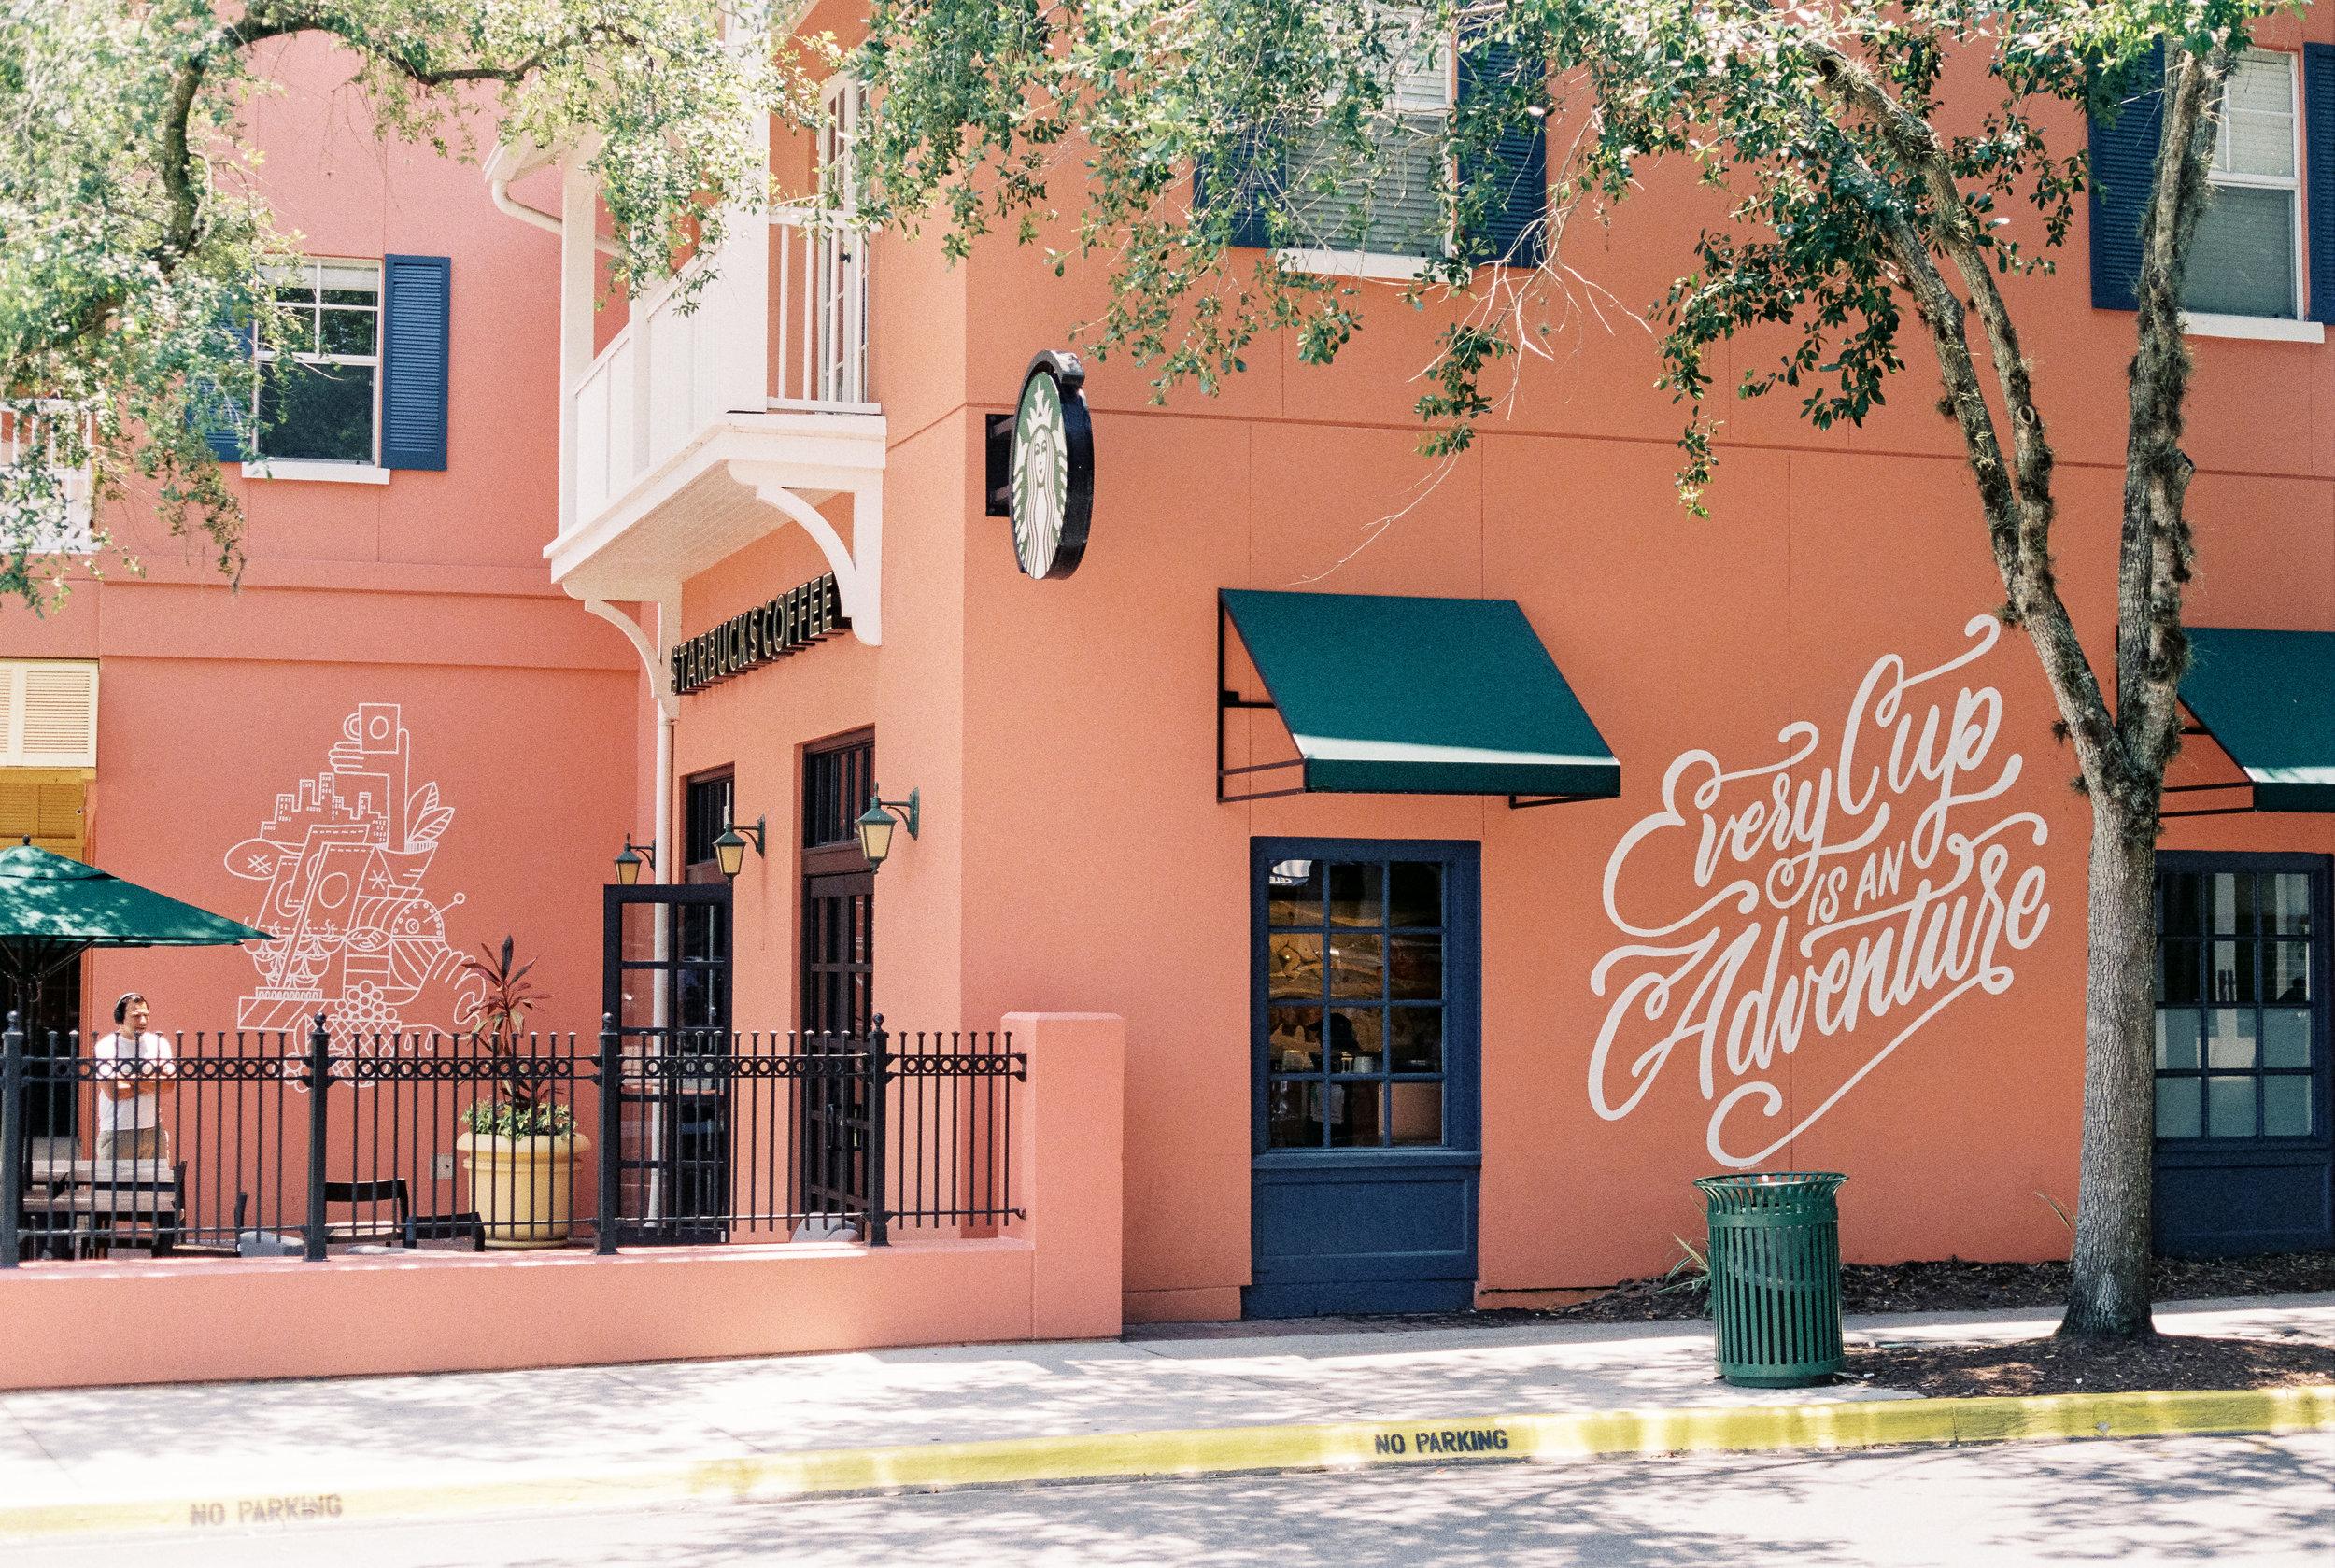 Celebration Starbucks Spencer on Fuji Superia 200 in Florida